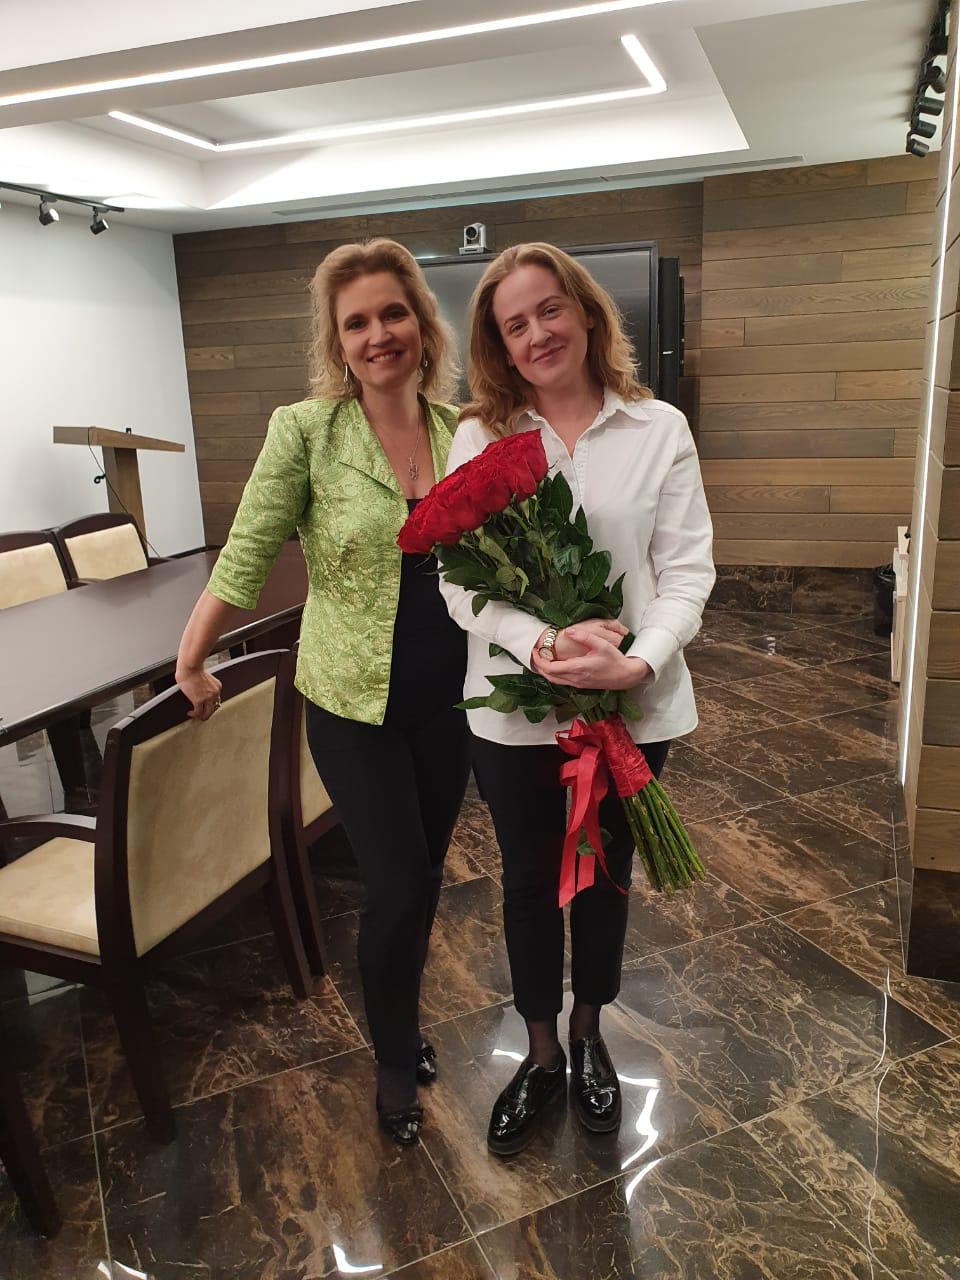 Кудашова Евгения Александровна стала победителем в специализации «Здравоохранение», суперфиналистом конкурса управленцев «Лидеры России 2020».